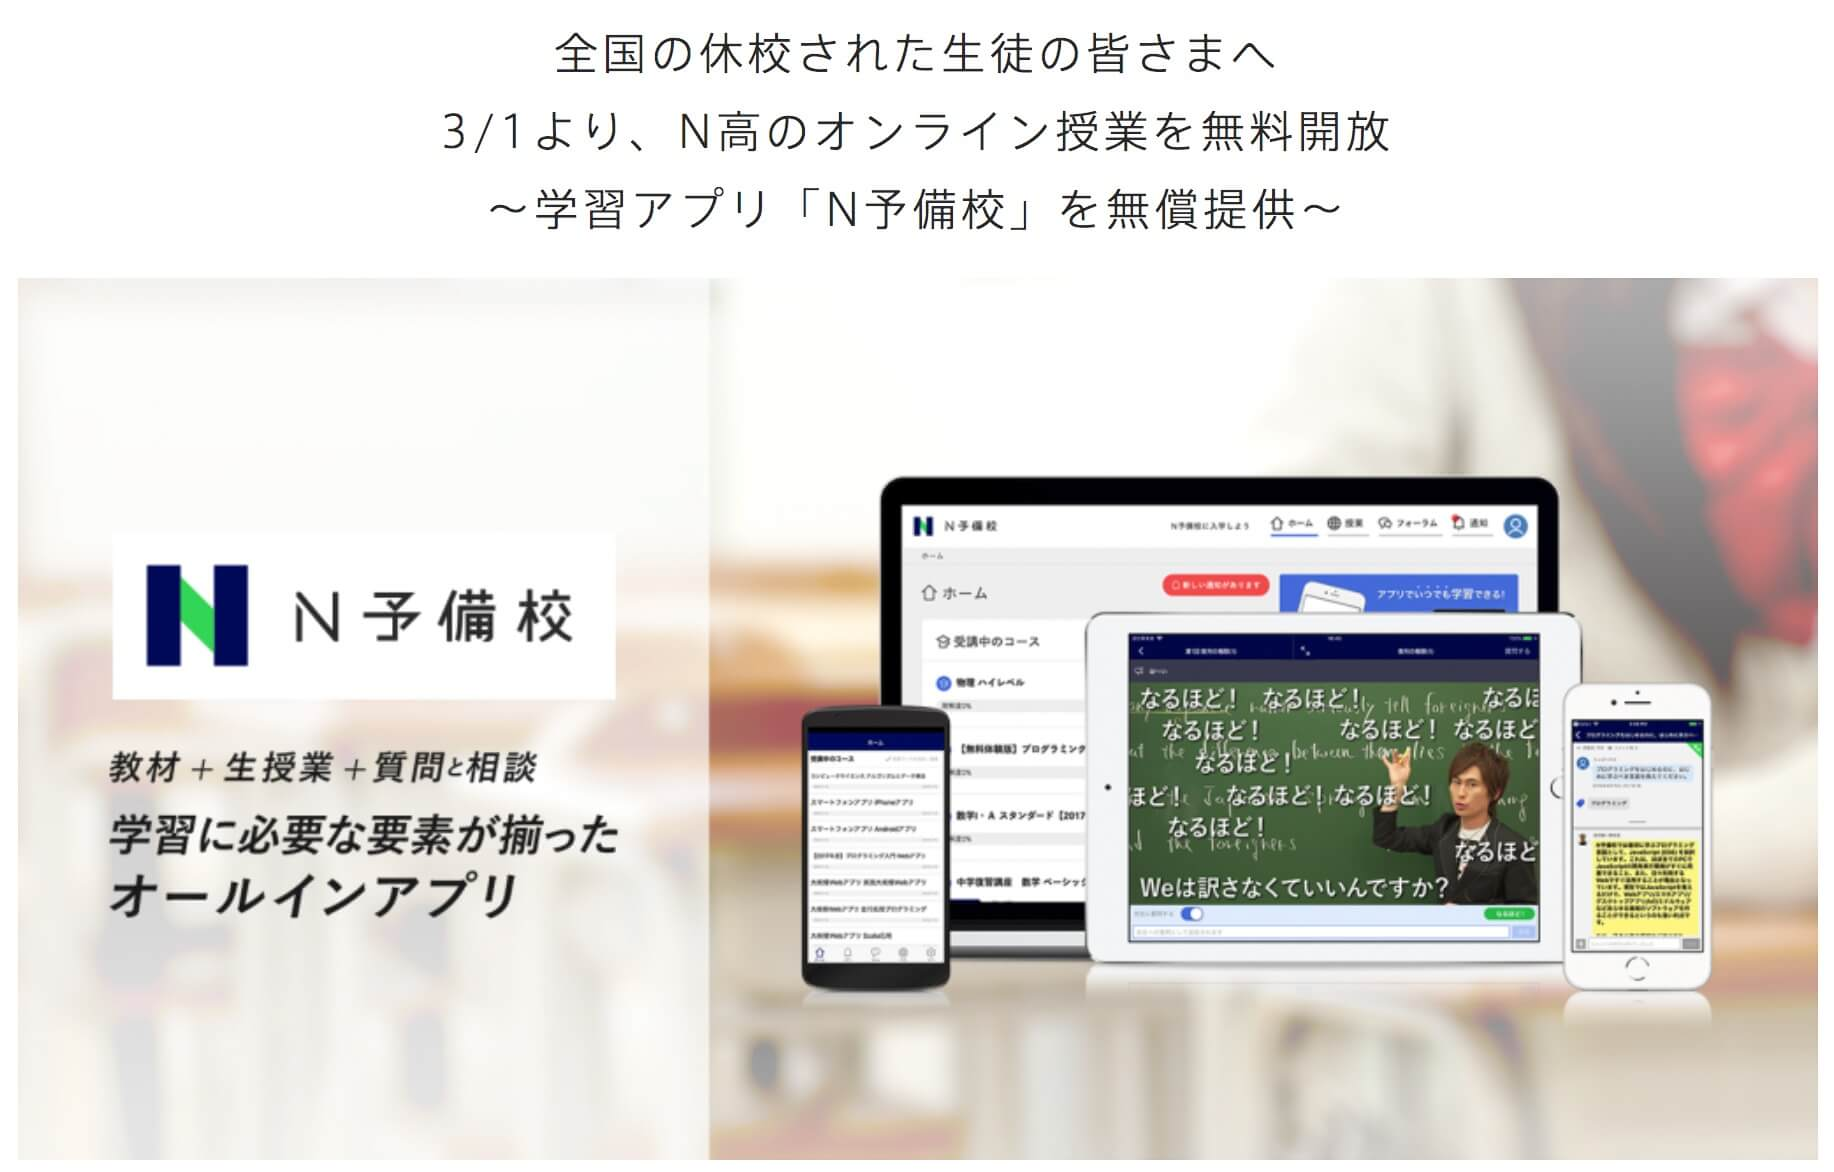 新型コロナウイルス コロナ N予備校 無料開放 アプリ 休校支援